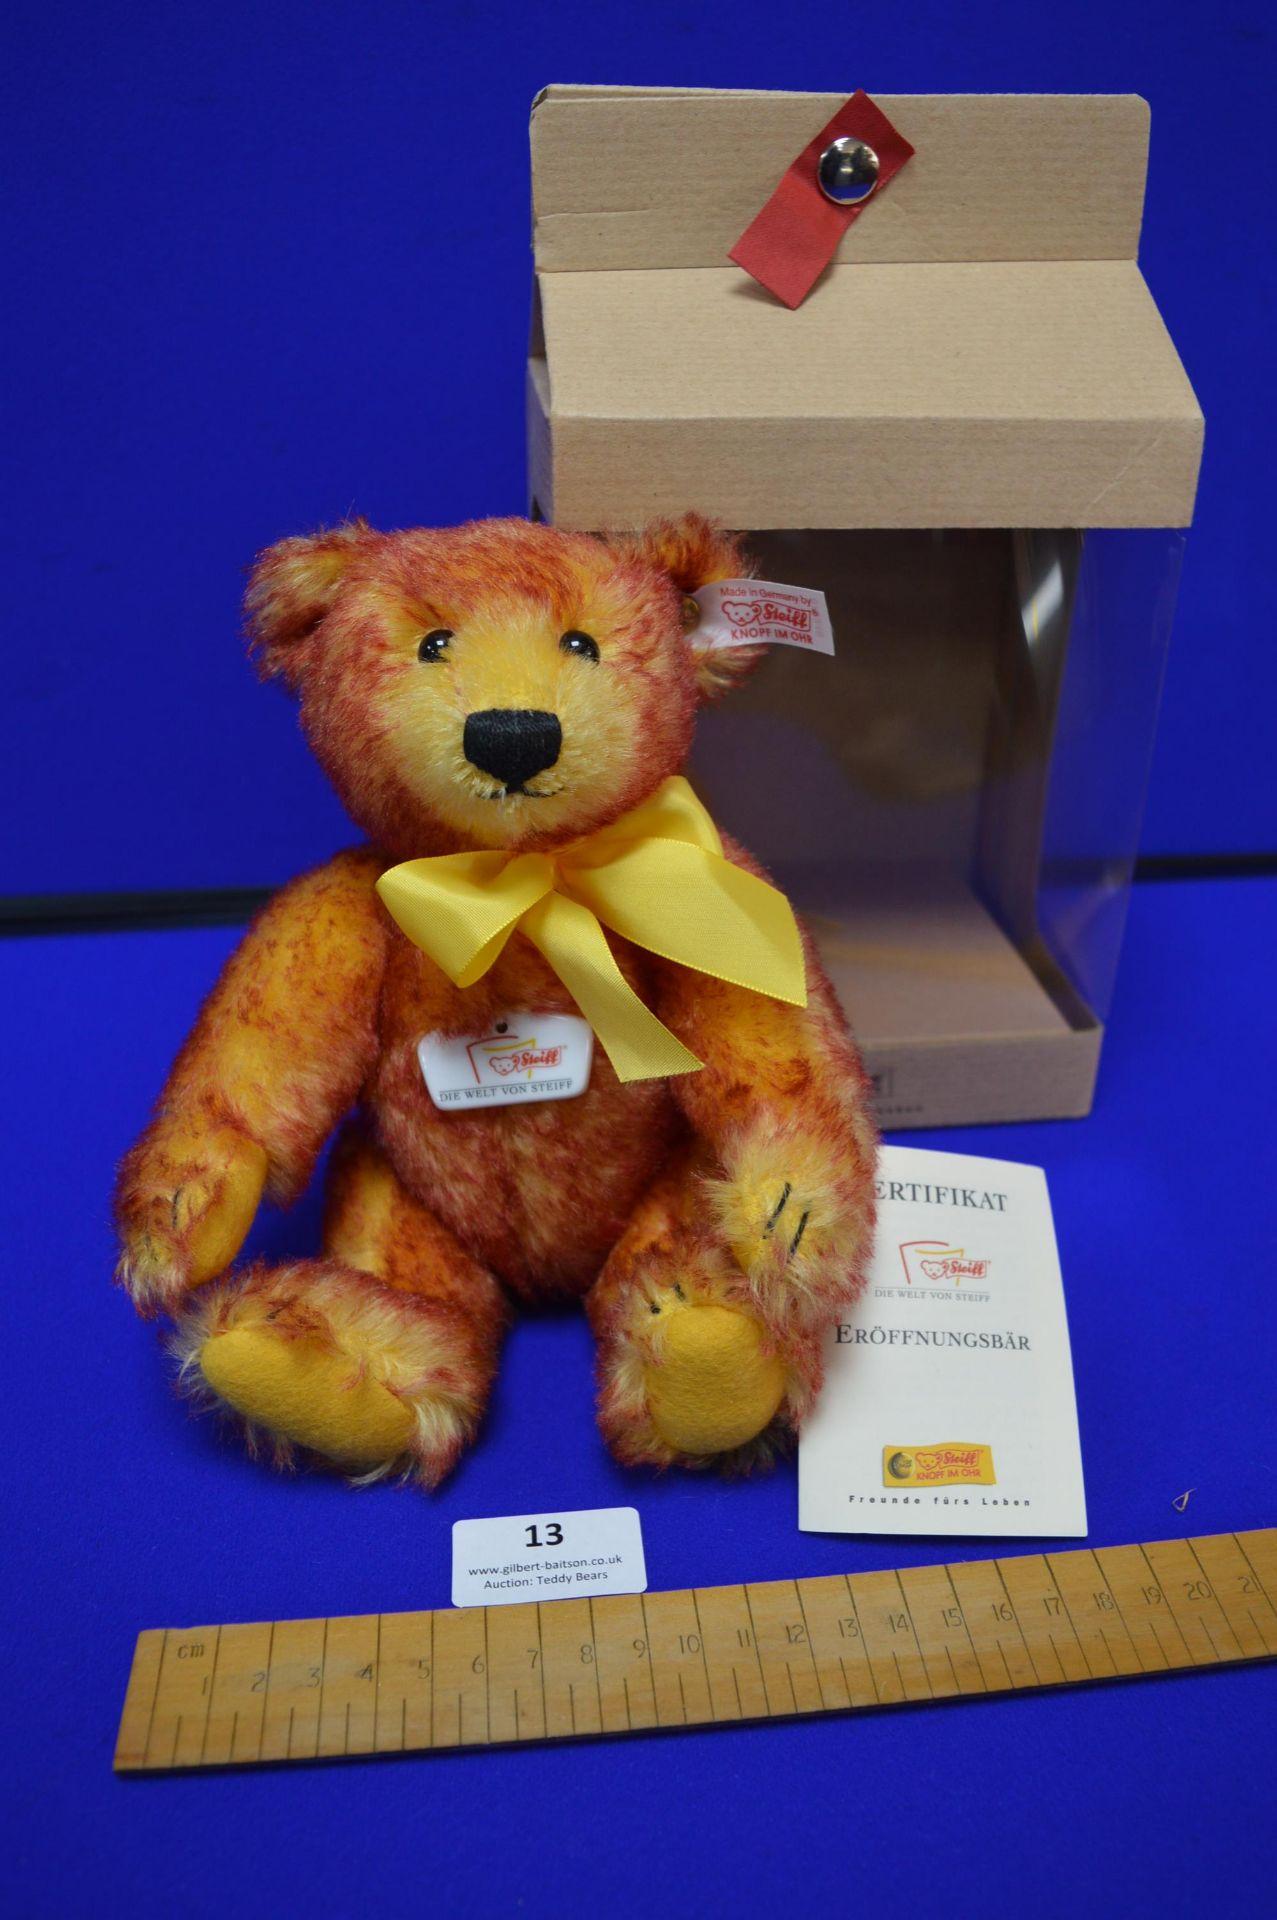 Steiff Celebration Bear (height 24cm)